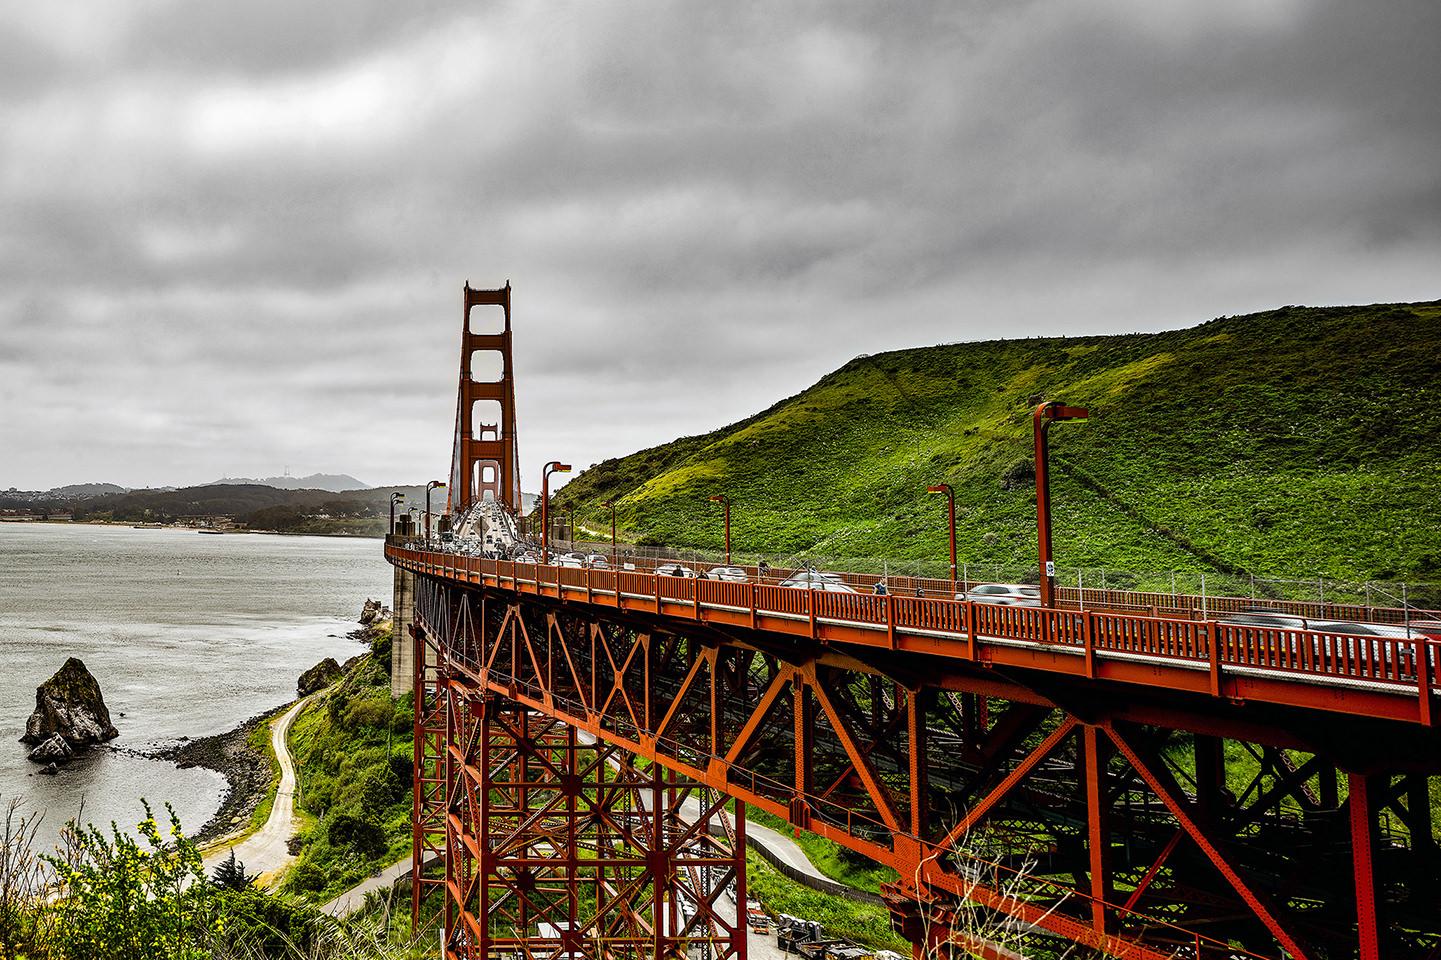 panorama golden gate bridge apo-grandagon 45mm f4.5 p4x6e by PSon in PSon